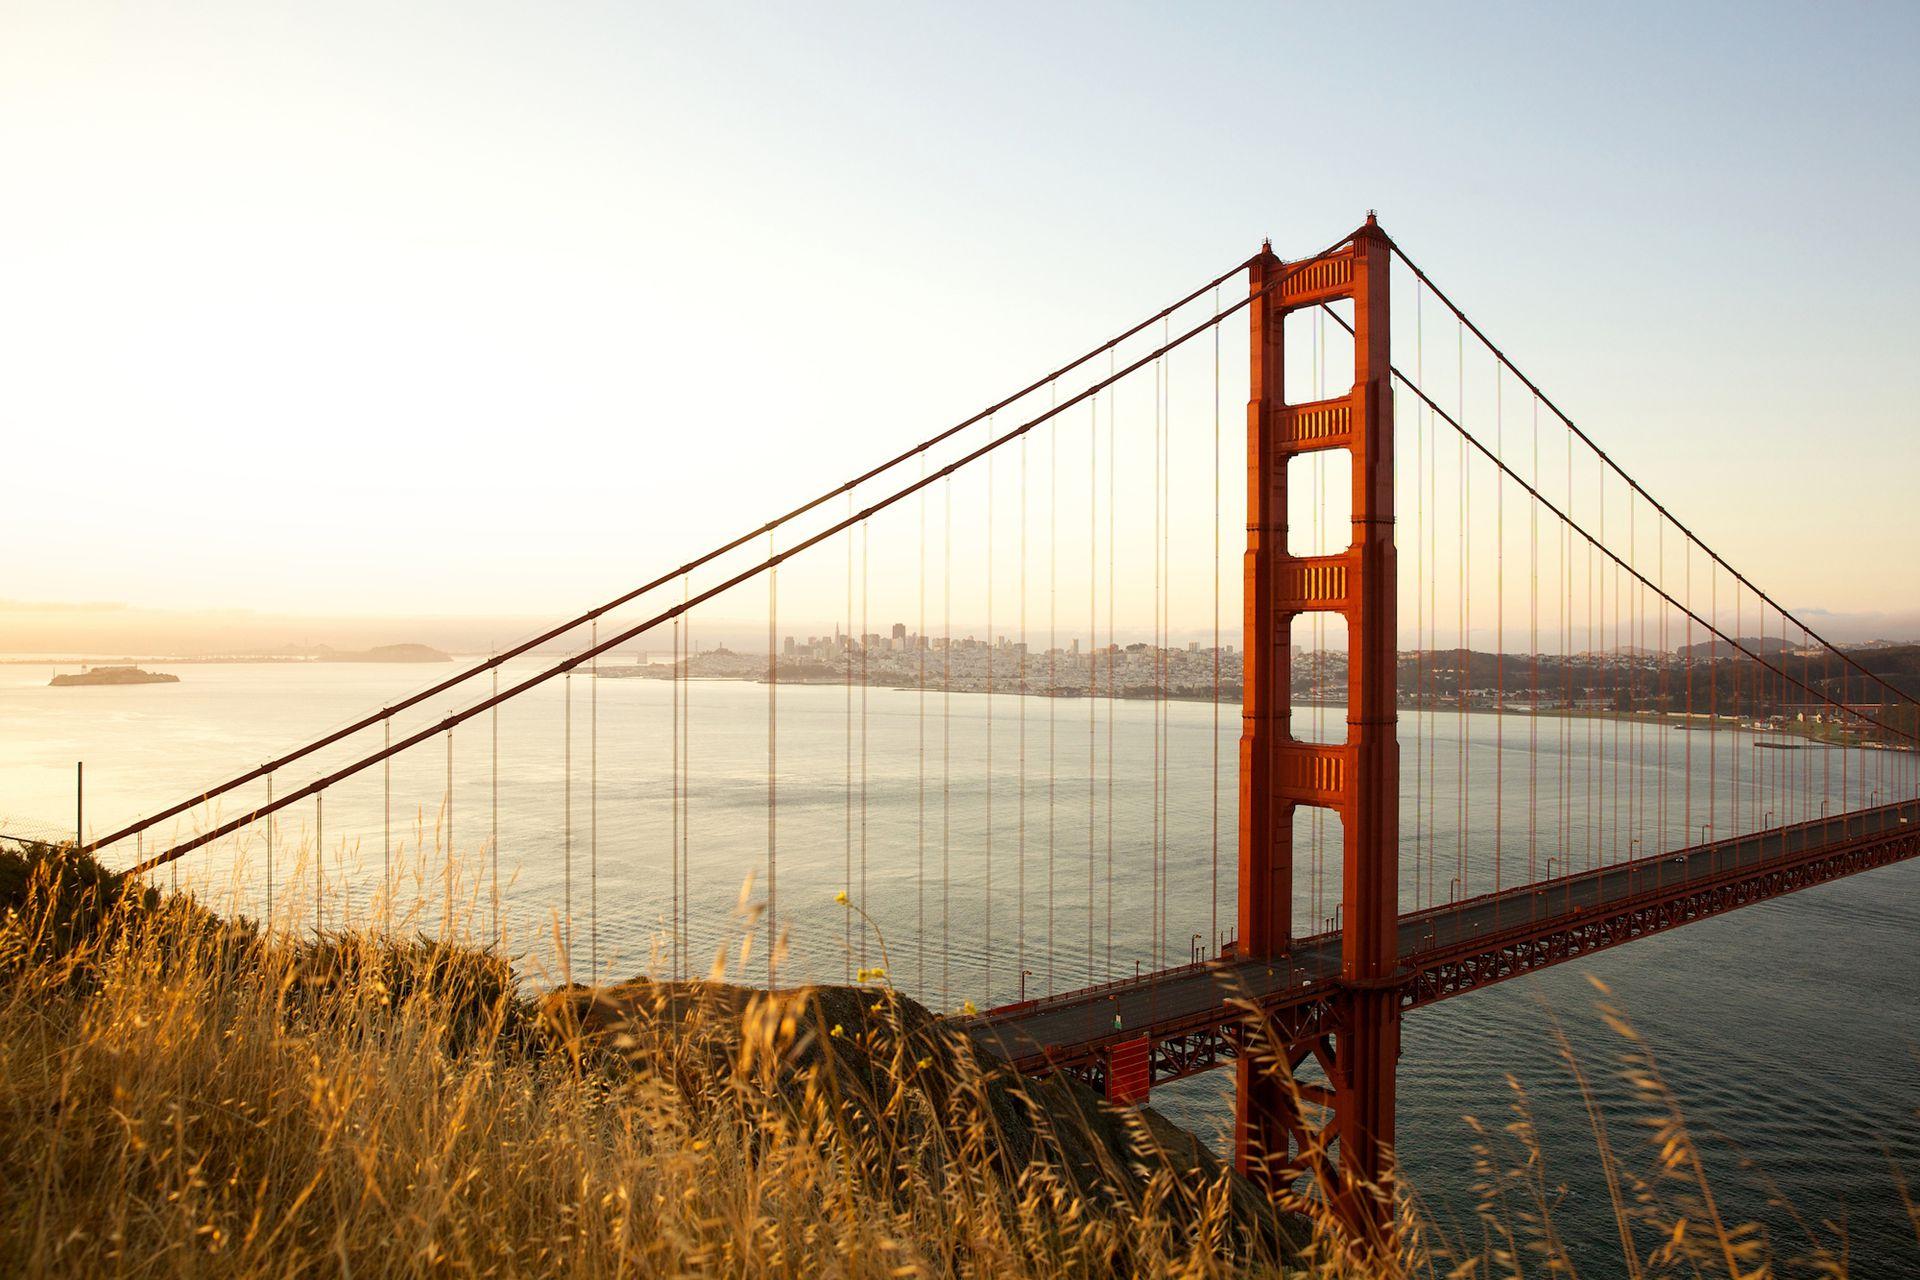 El Golden Gate Bridge, todo un símbolo de la ciudad